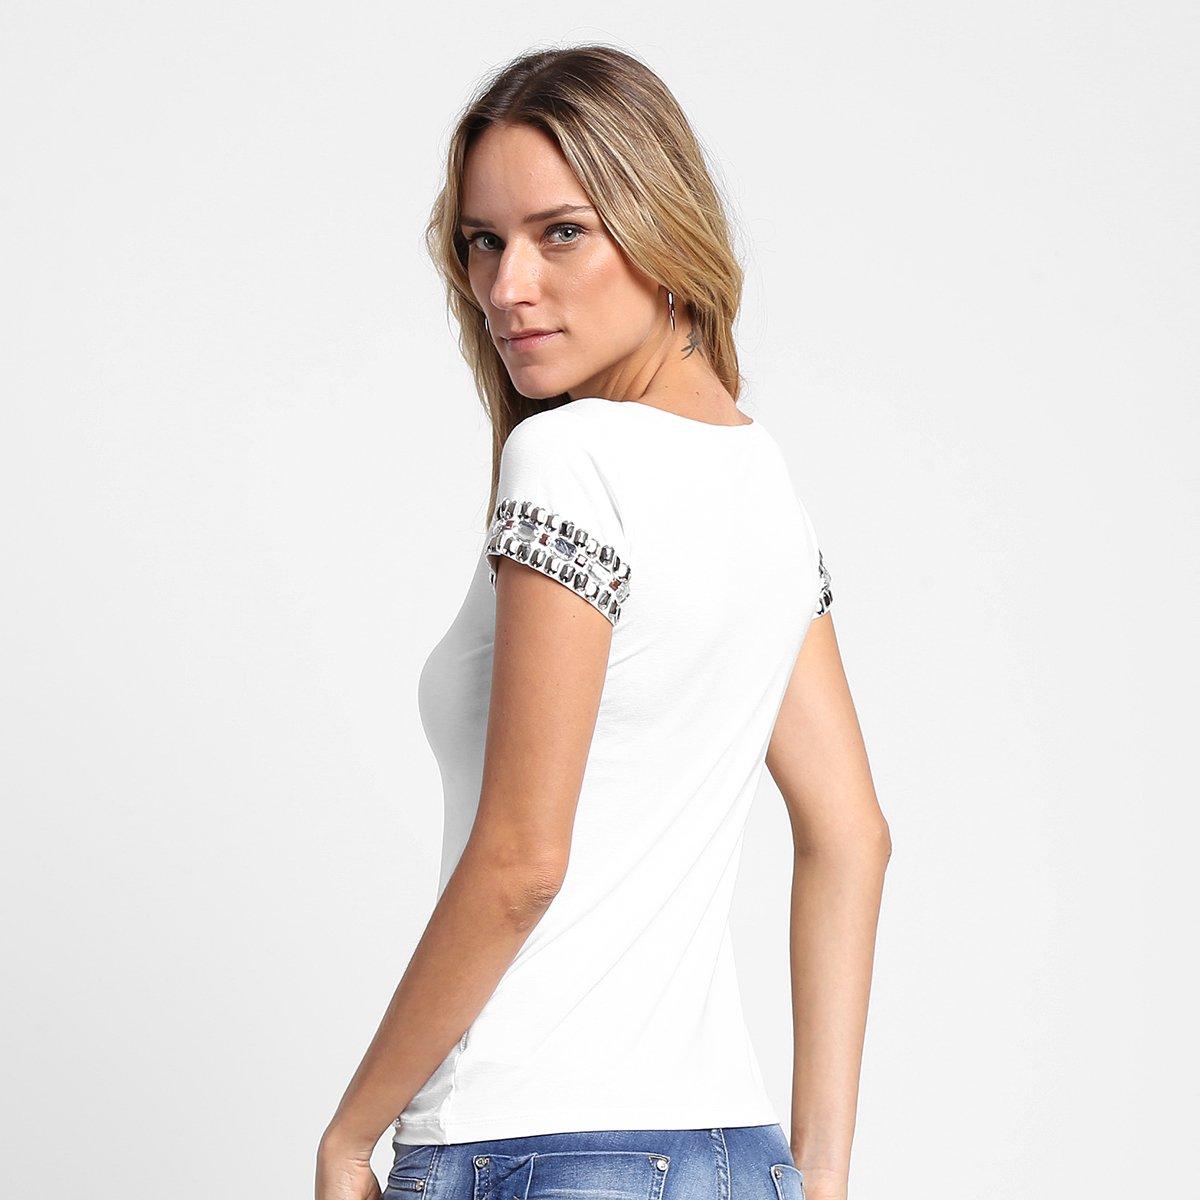 Blusa Disparate Decote V Bordado - Compre Agora  f916eda169b06